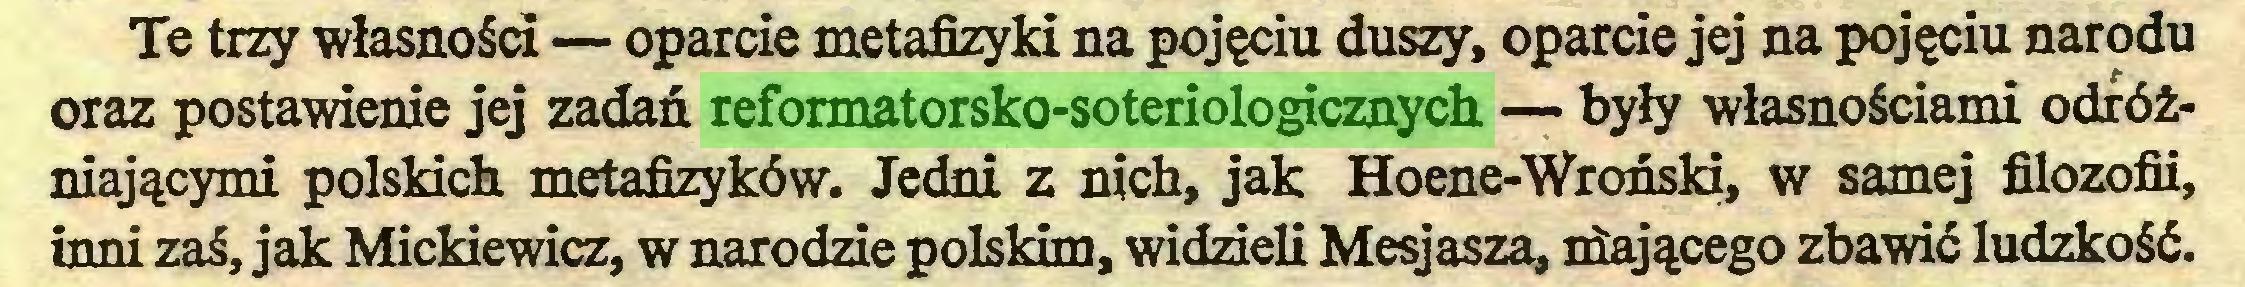 (...) Te trzy własności — oparcie metafizyki na pojęciu duszy, oparcie jej na pojęciu narodu oraz postawienie jej zadań reformatorsko-soteriologicznych — były własnościami odróżniającymi polskich metafizyków. Jedni z nich, jak Hoene-Wroński, w samej filozofii, inni zaś, jak Mickiewicz, w narodzie polskim, widzieli Mesjasza, niającego zbawić ludzkość...